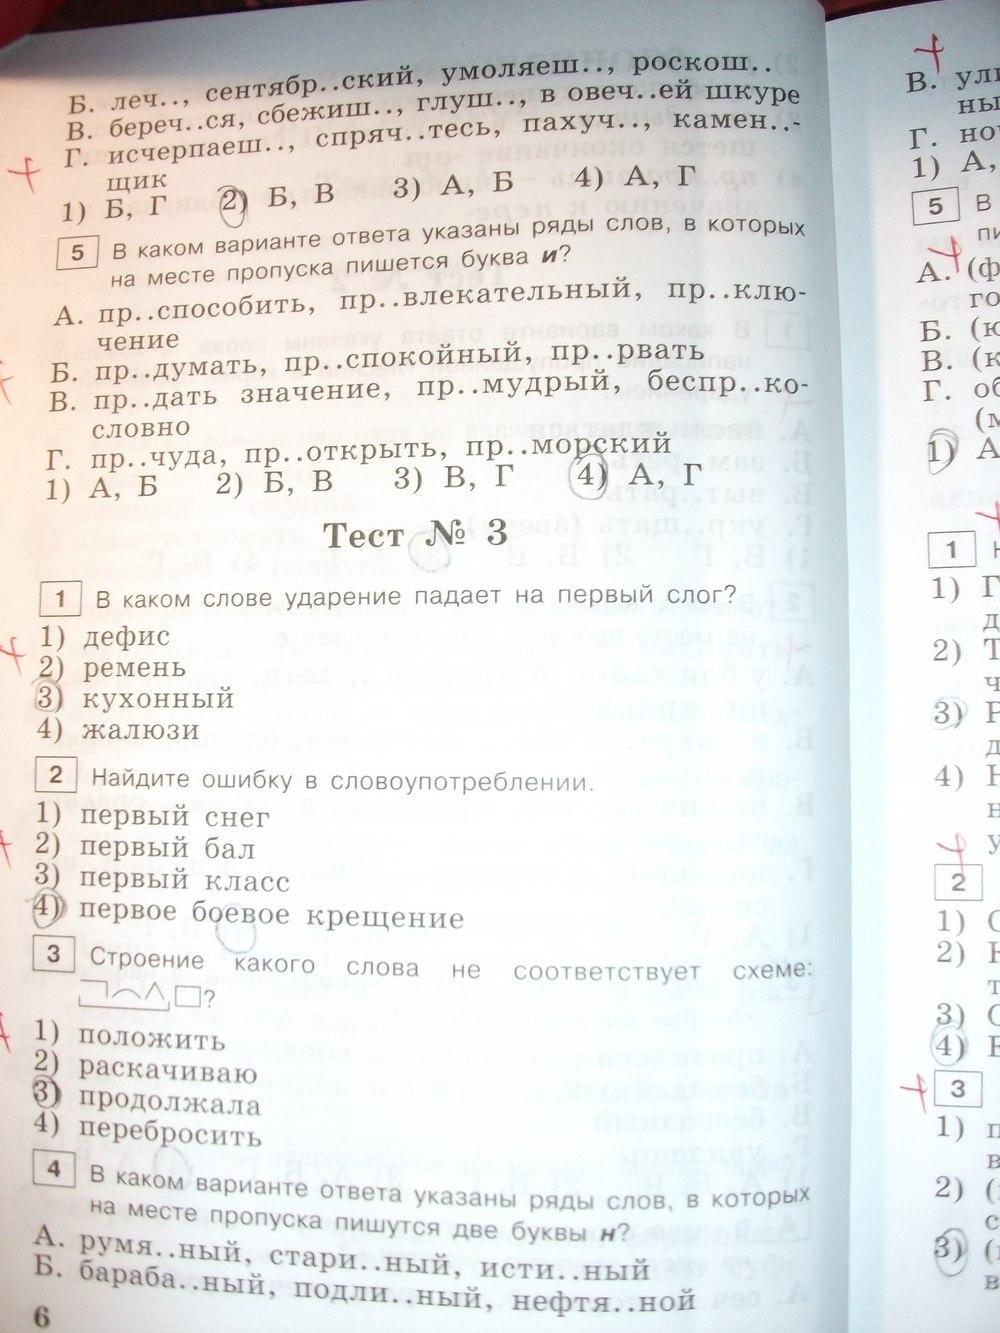 по 6 класс гдз часть 2 по русскому богданова заданиям тестовым языку